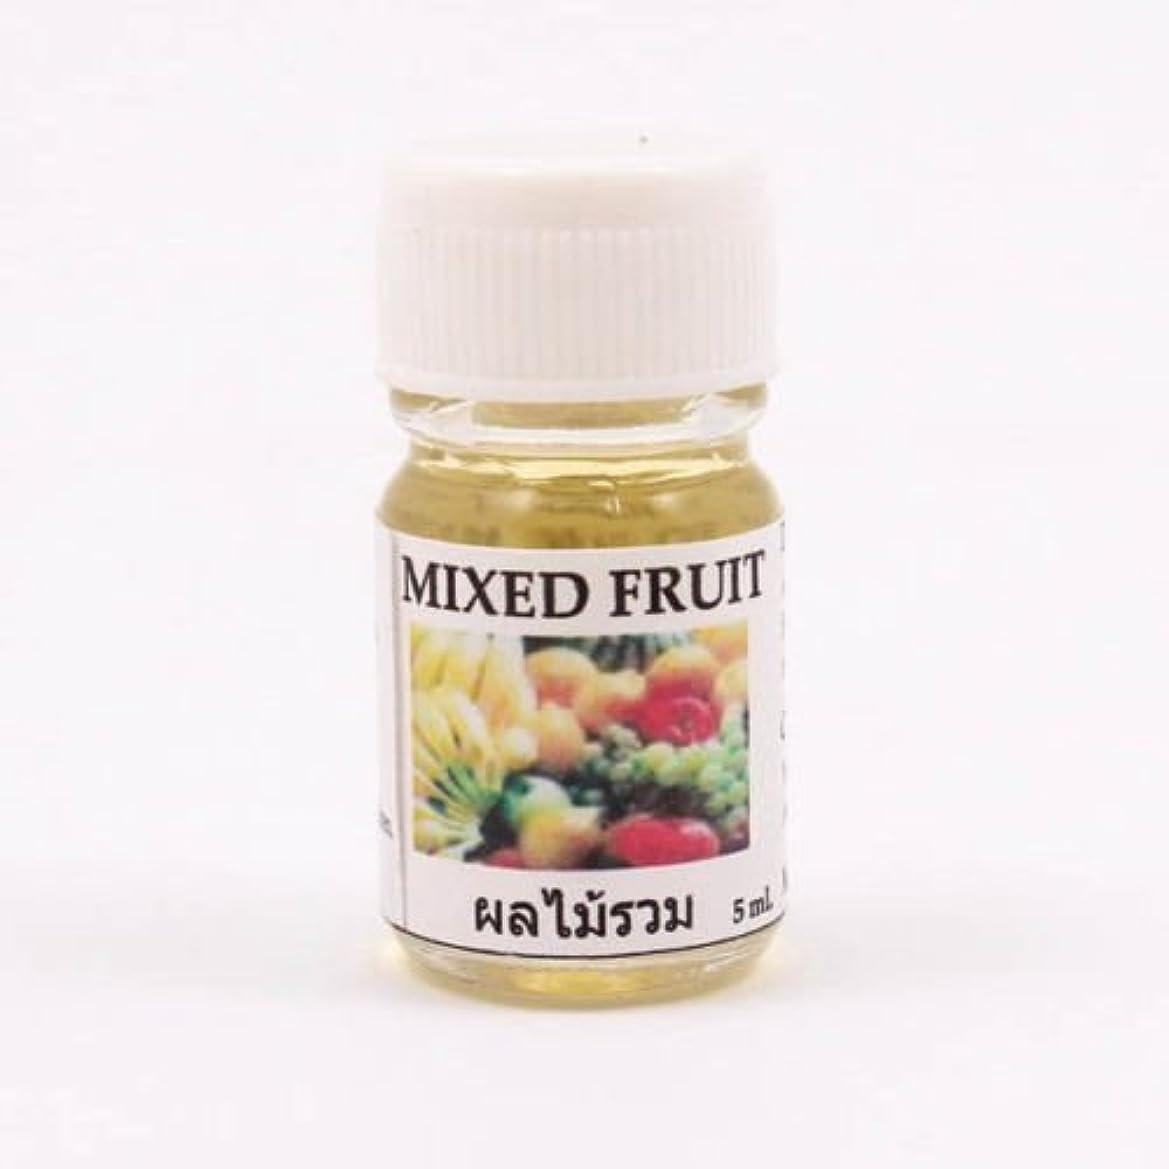 監督する永久に第三6X Mixed Fruit Aroma Fragrance Essential Oil 5ML Diffuser Burner Therapy